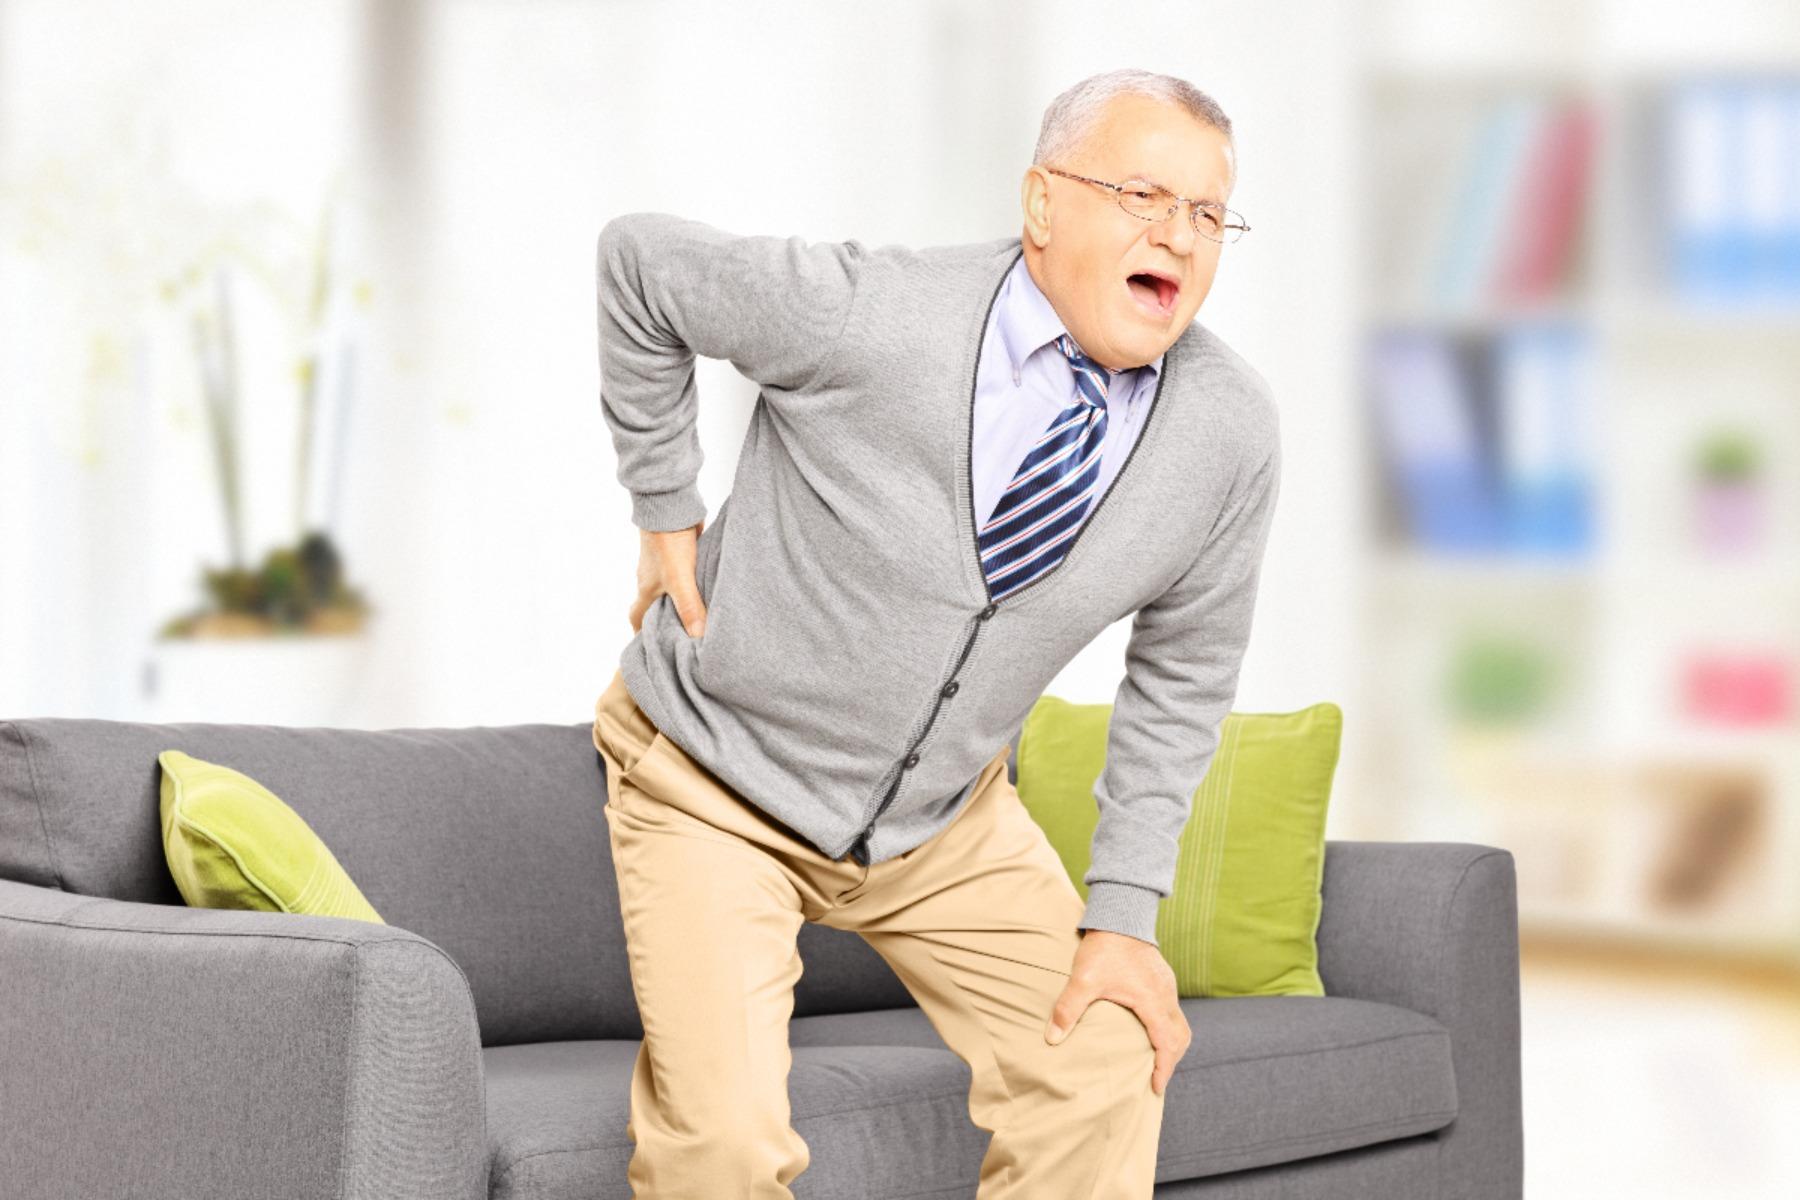 Мануальная терапия: что это такое, что лечит, показания и противопоказания